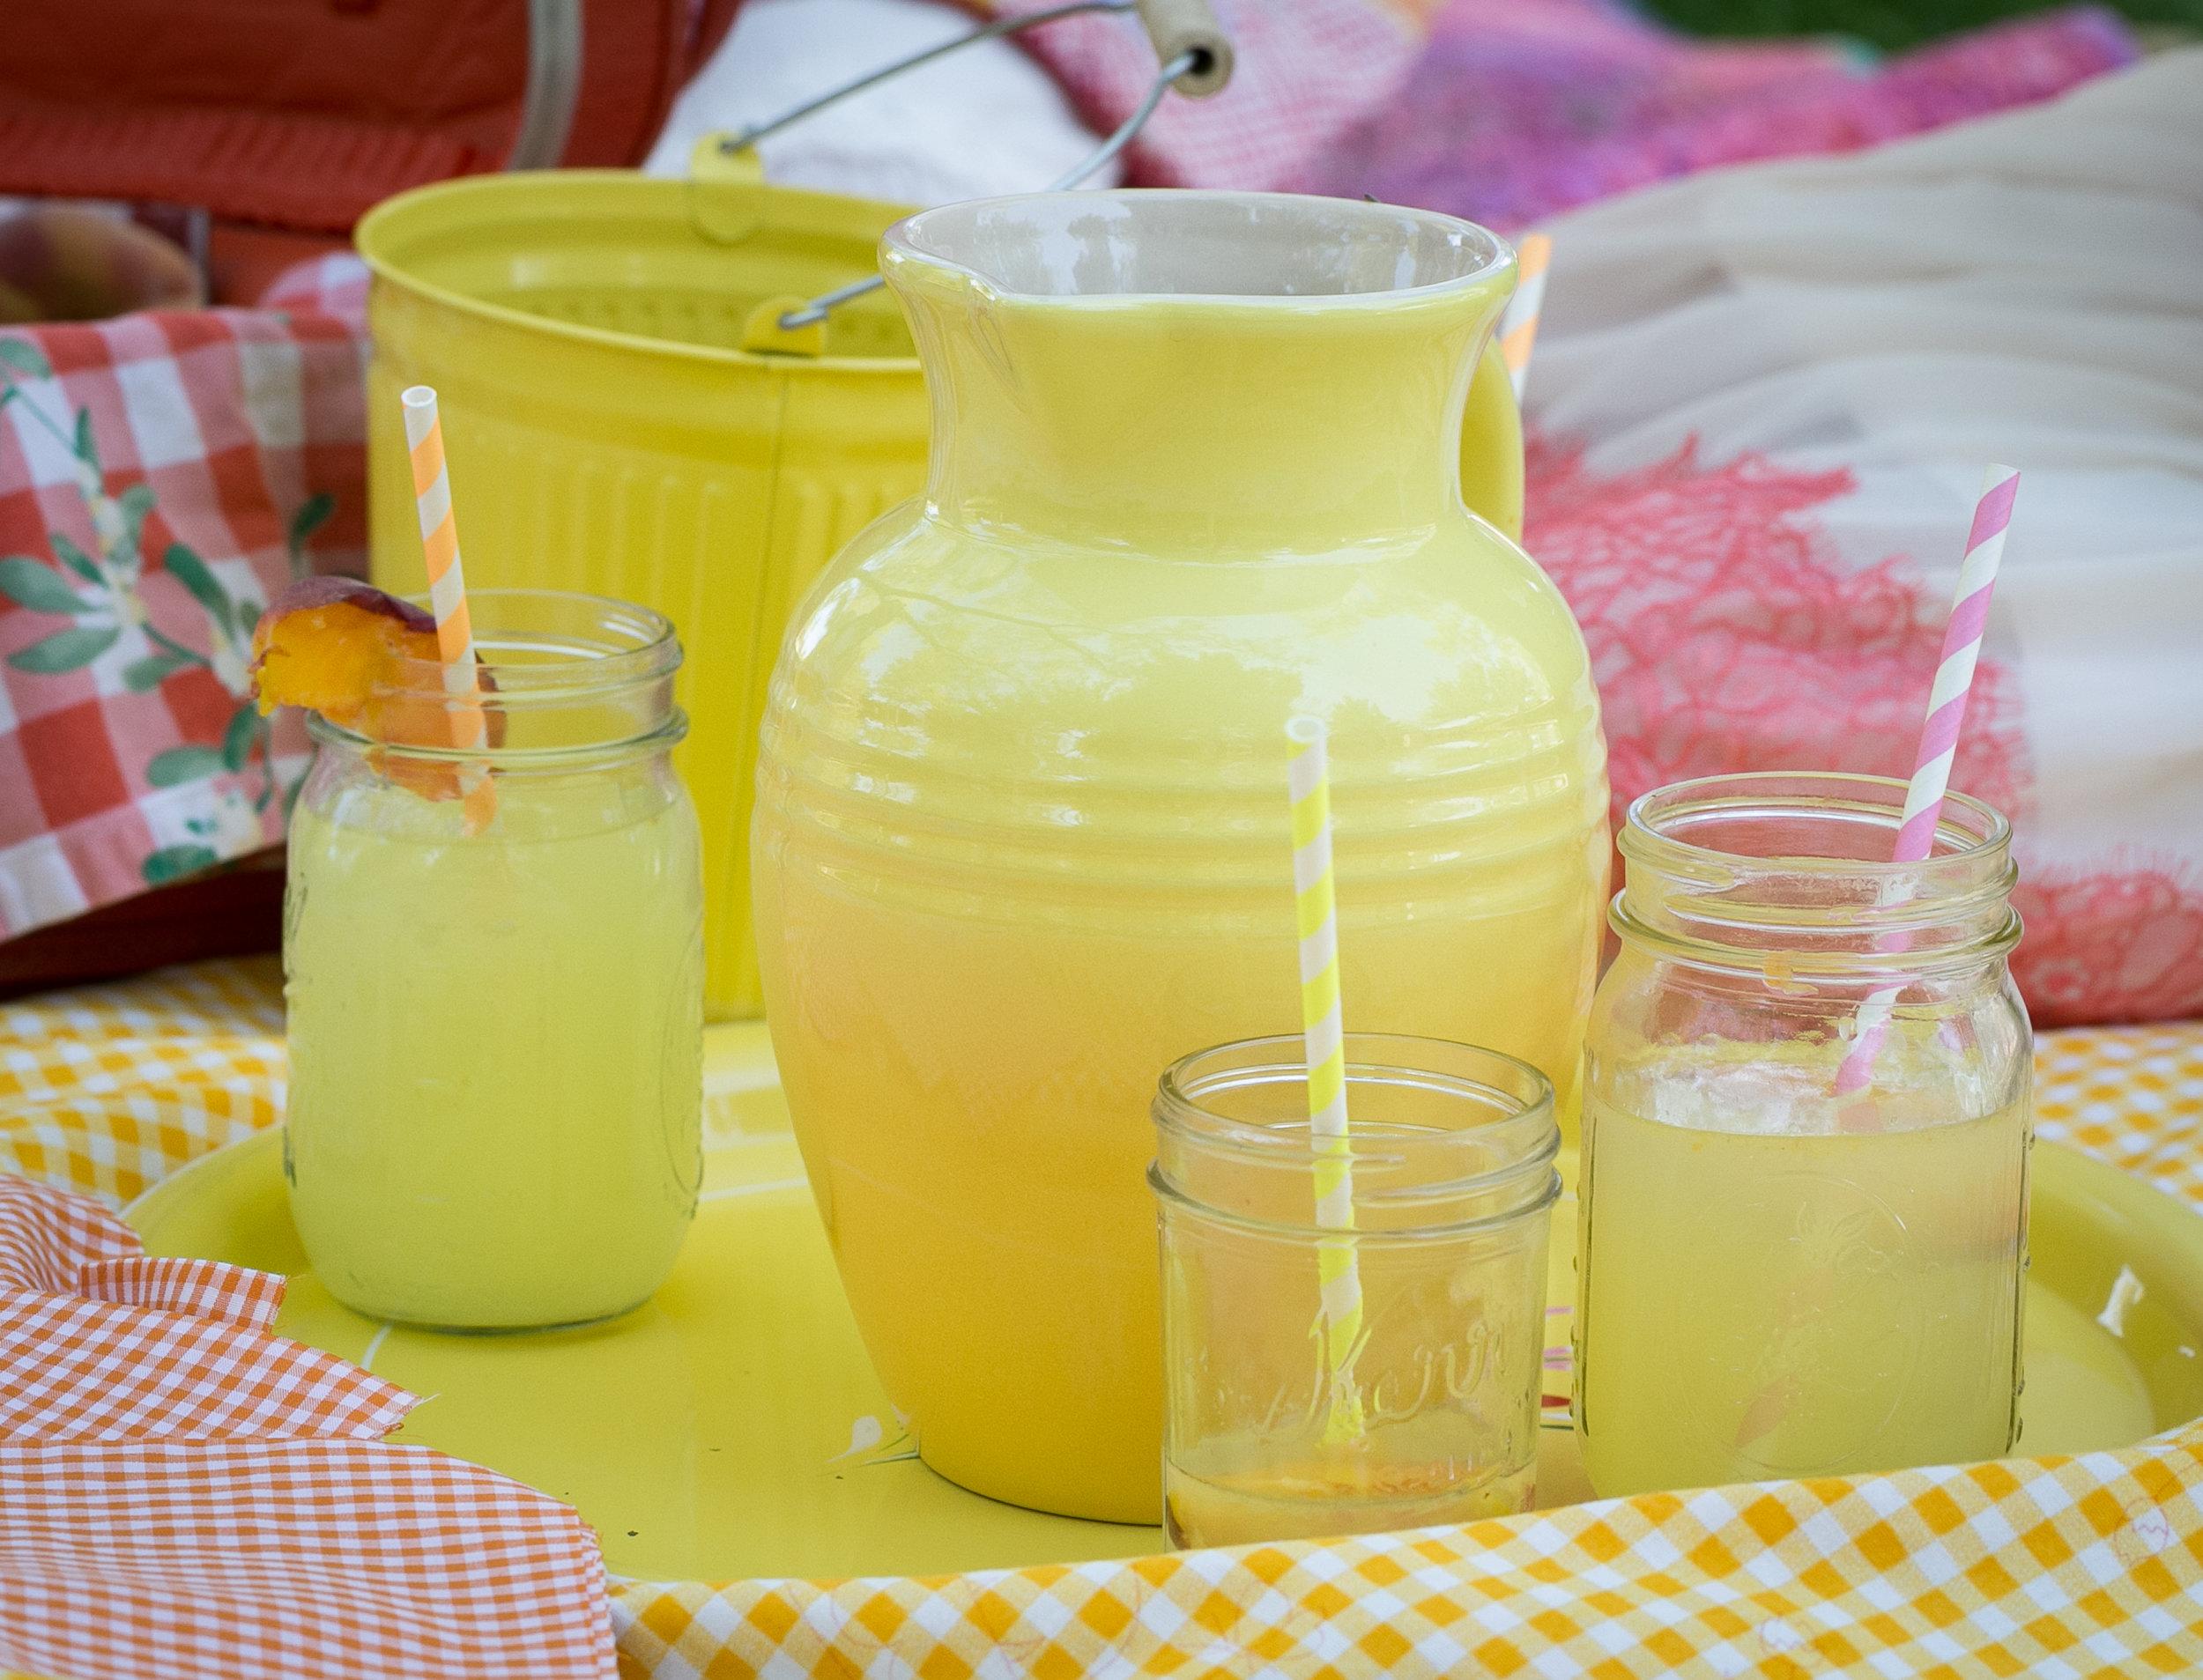 Doesn't that lemonade look so refreshing!